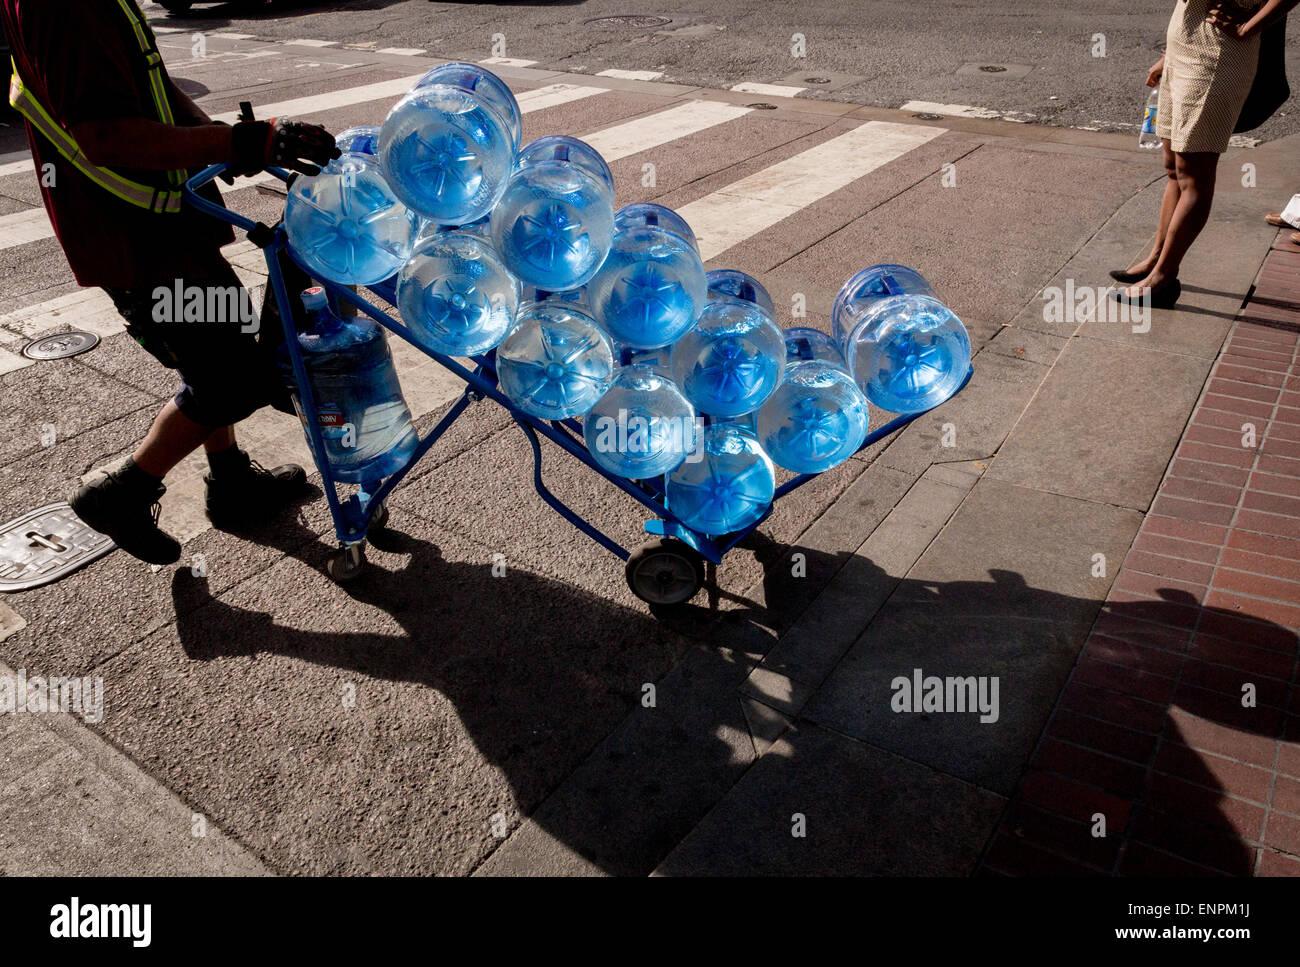 La consegna di persona le ruote di un carrello di bottiglie di acqua attraverso una strada di San Francisco. Immagini Stock